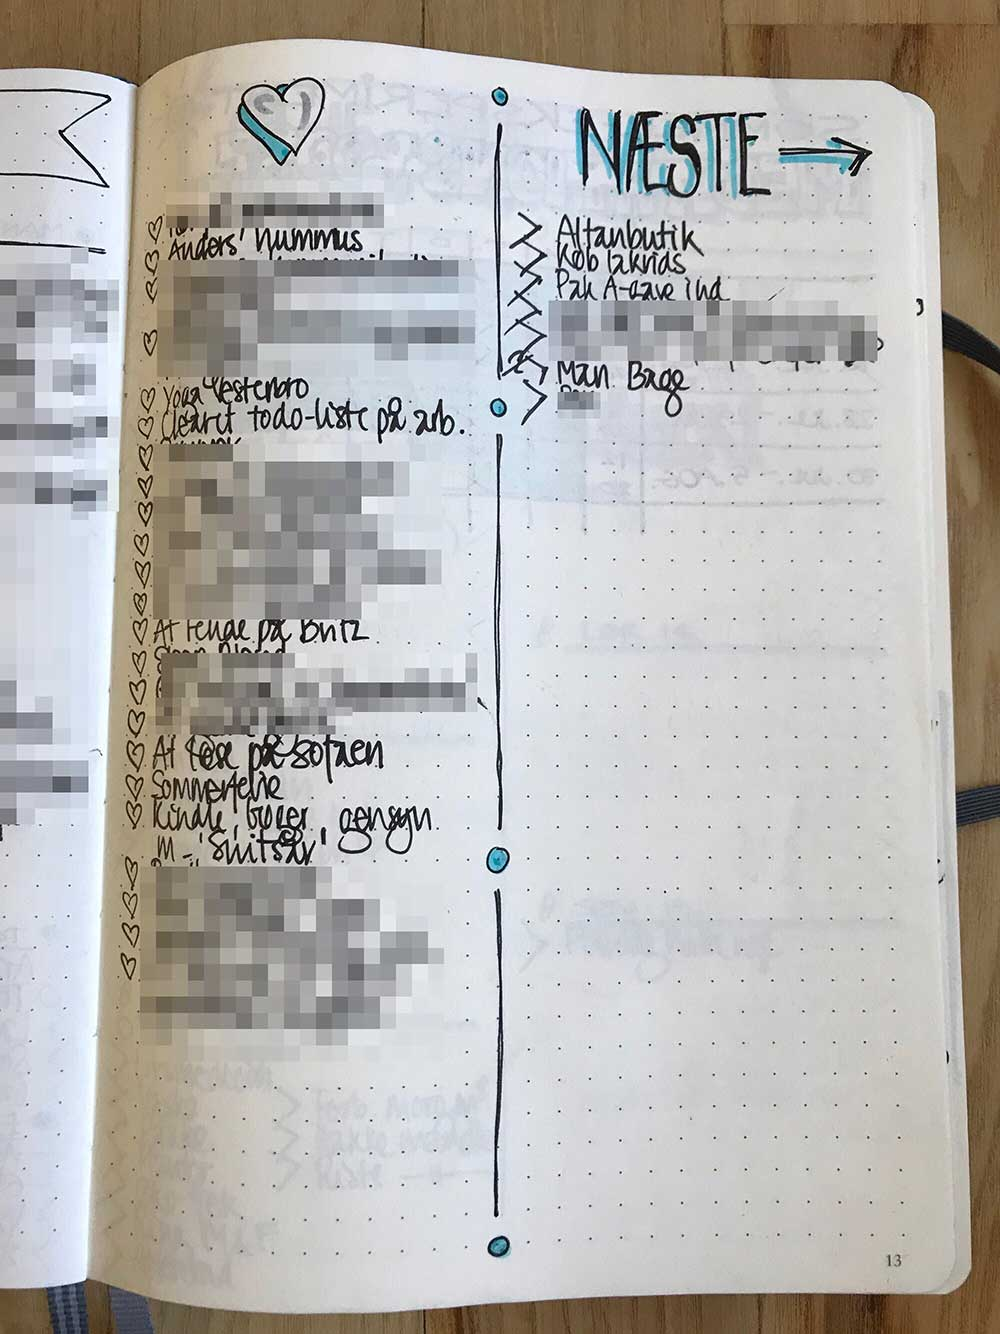 BulletJournal: Taknemmelighedsdagbog